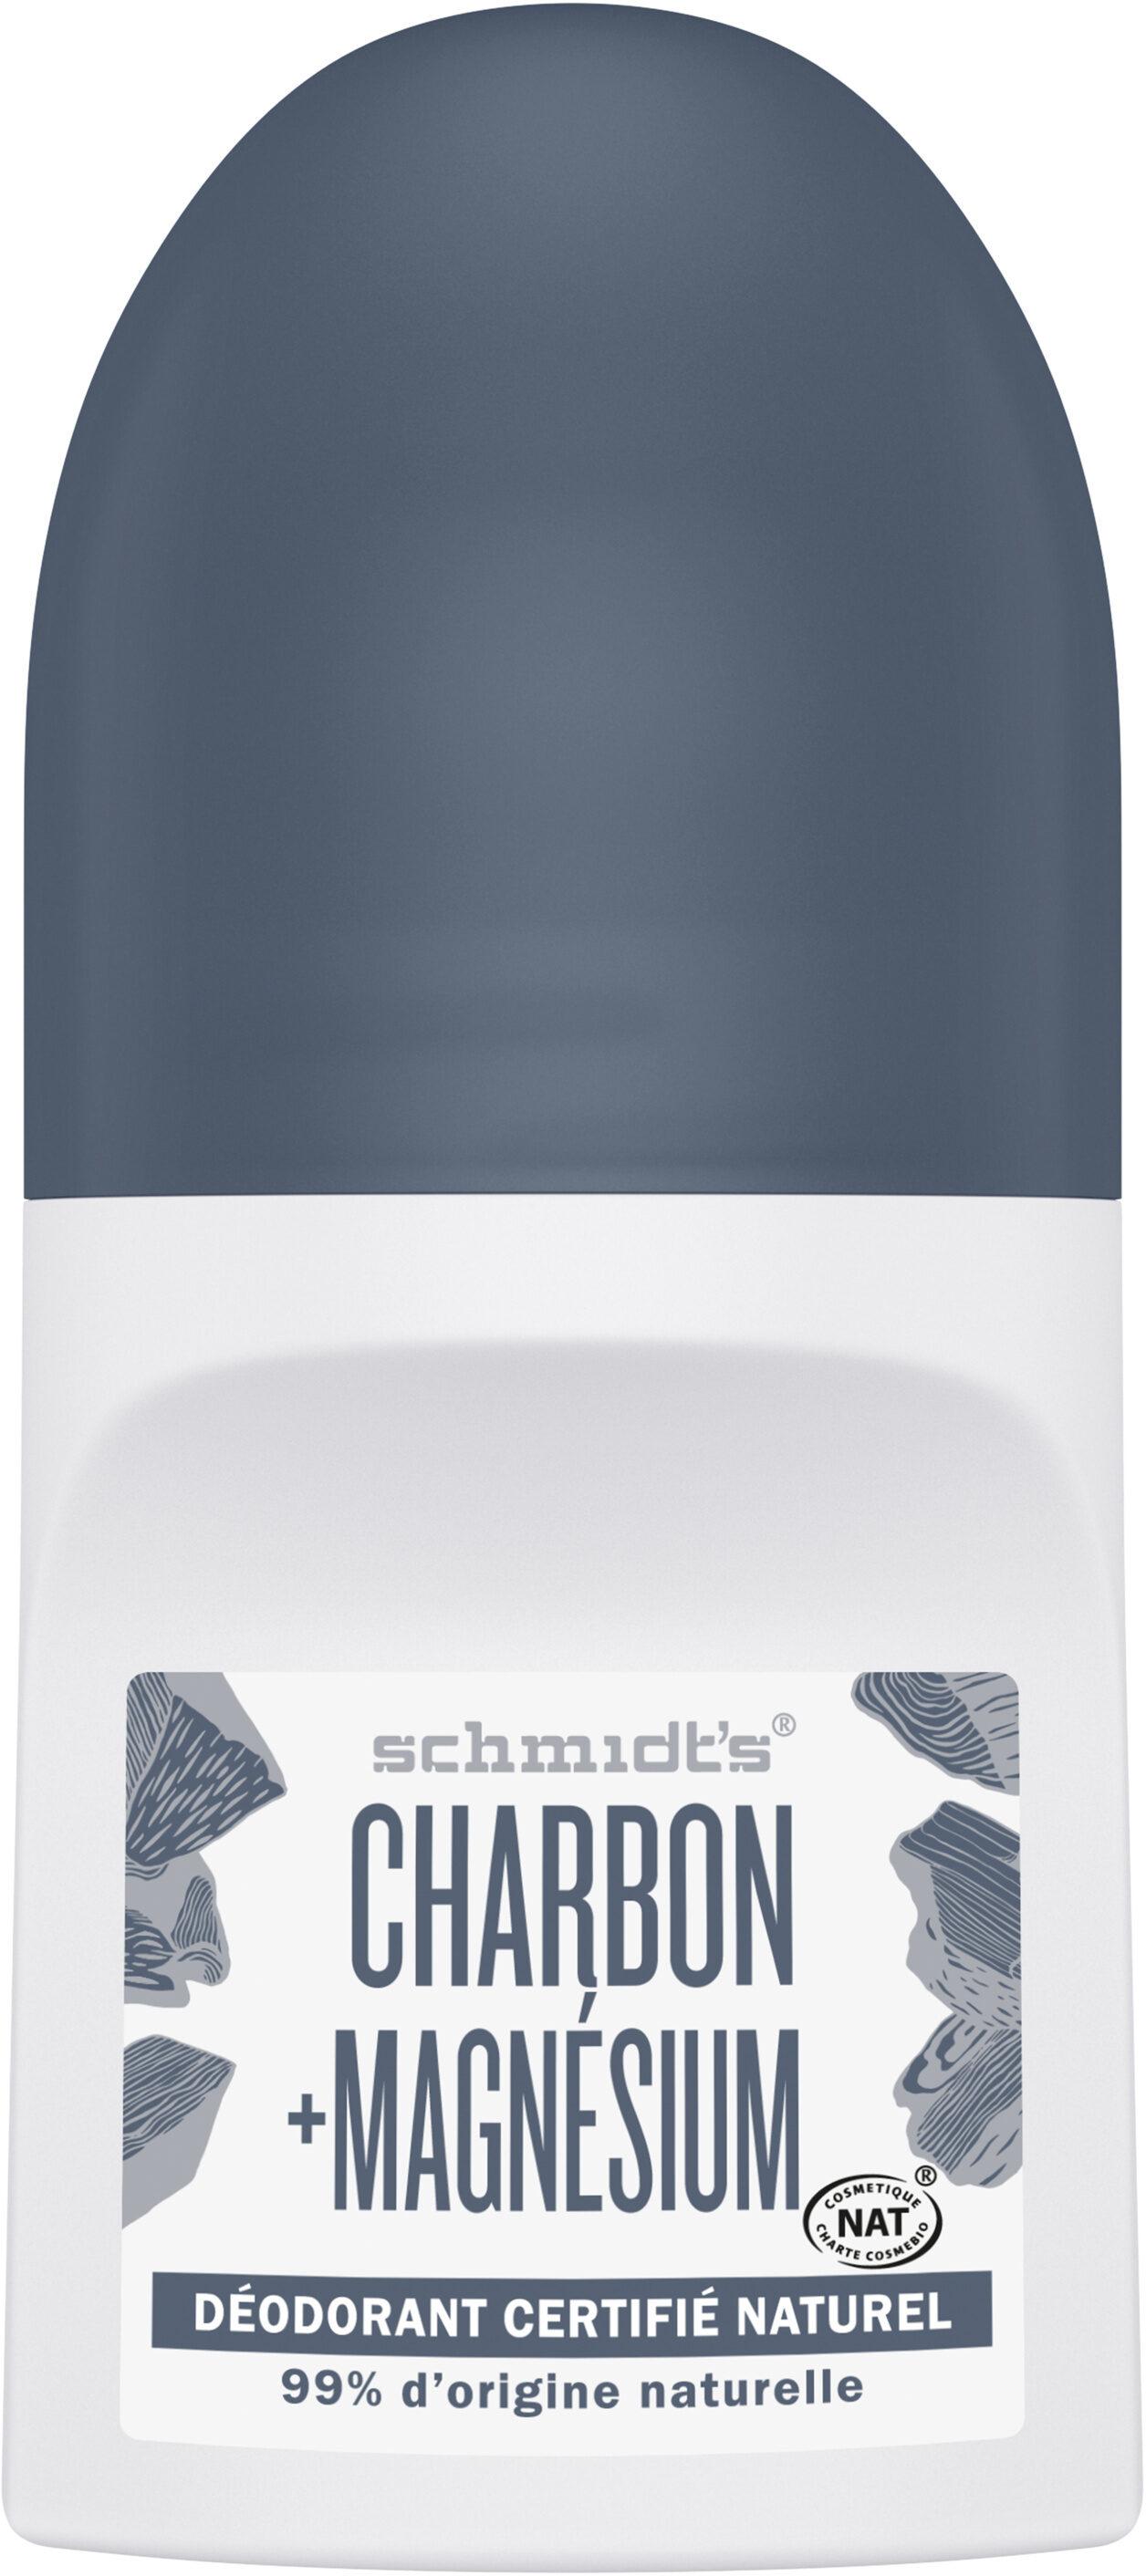 Schmidt's Déodorant Bille Charbon + Magnésium - Product - fr